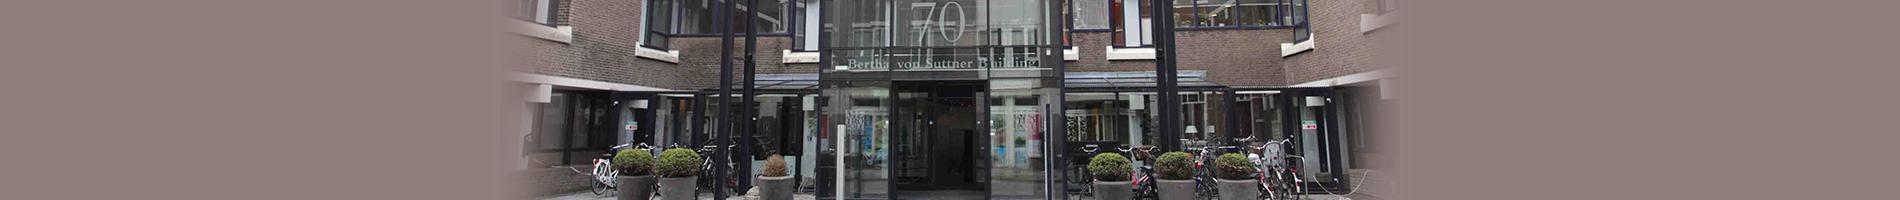 Bertha von suttner building The Hague